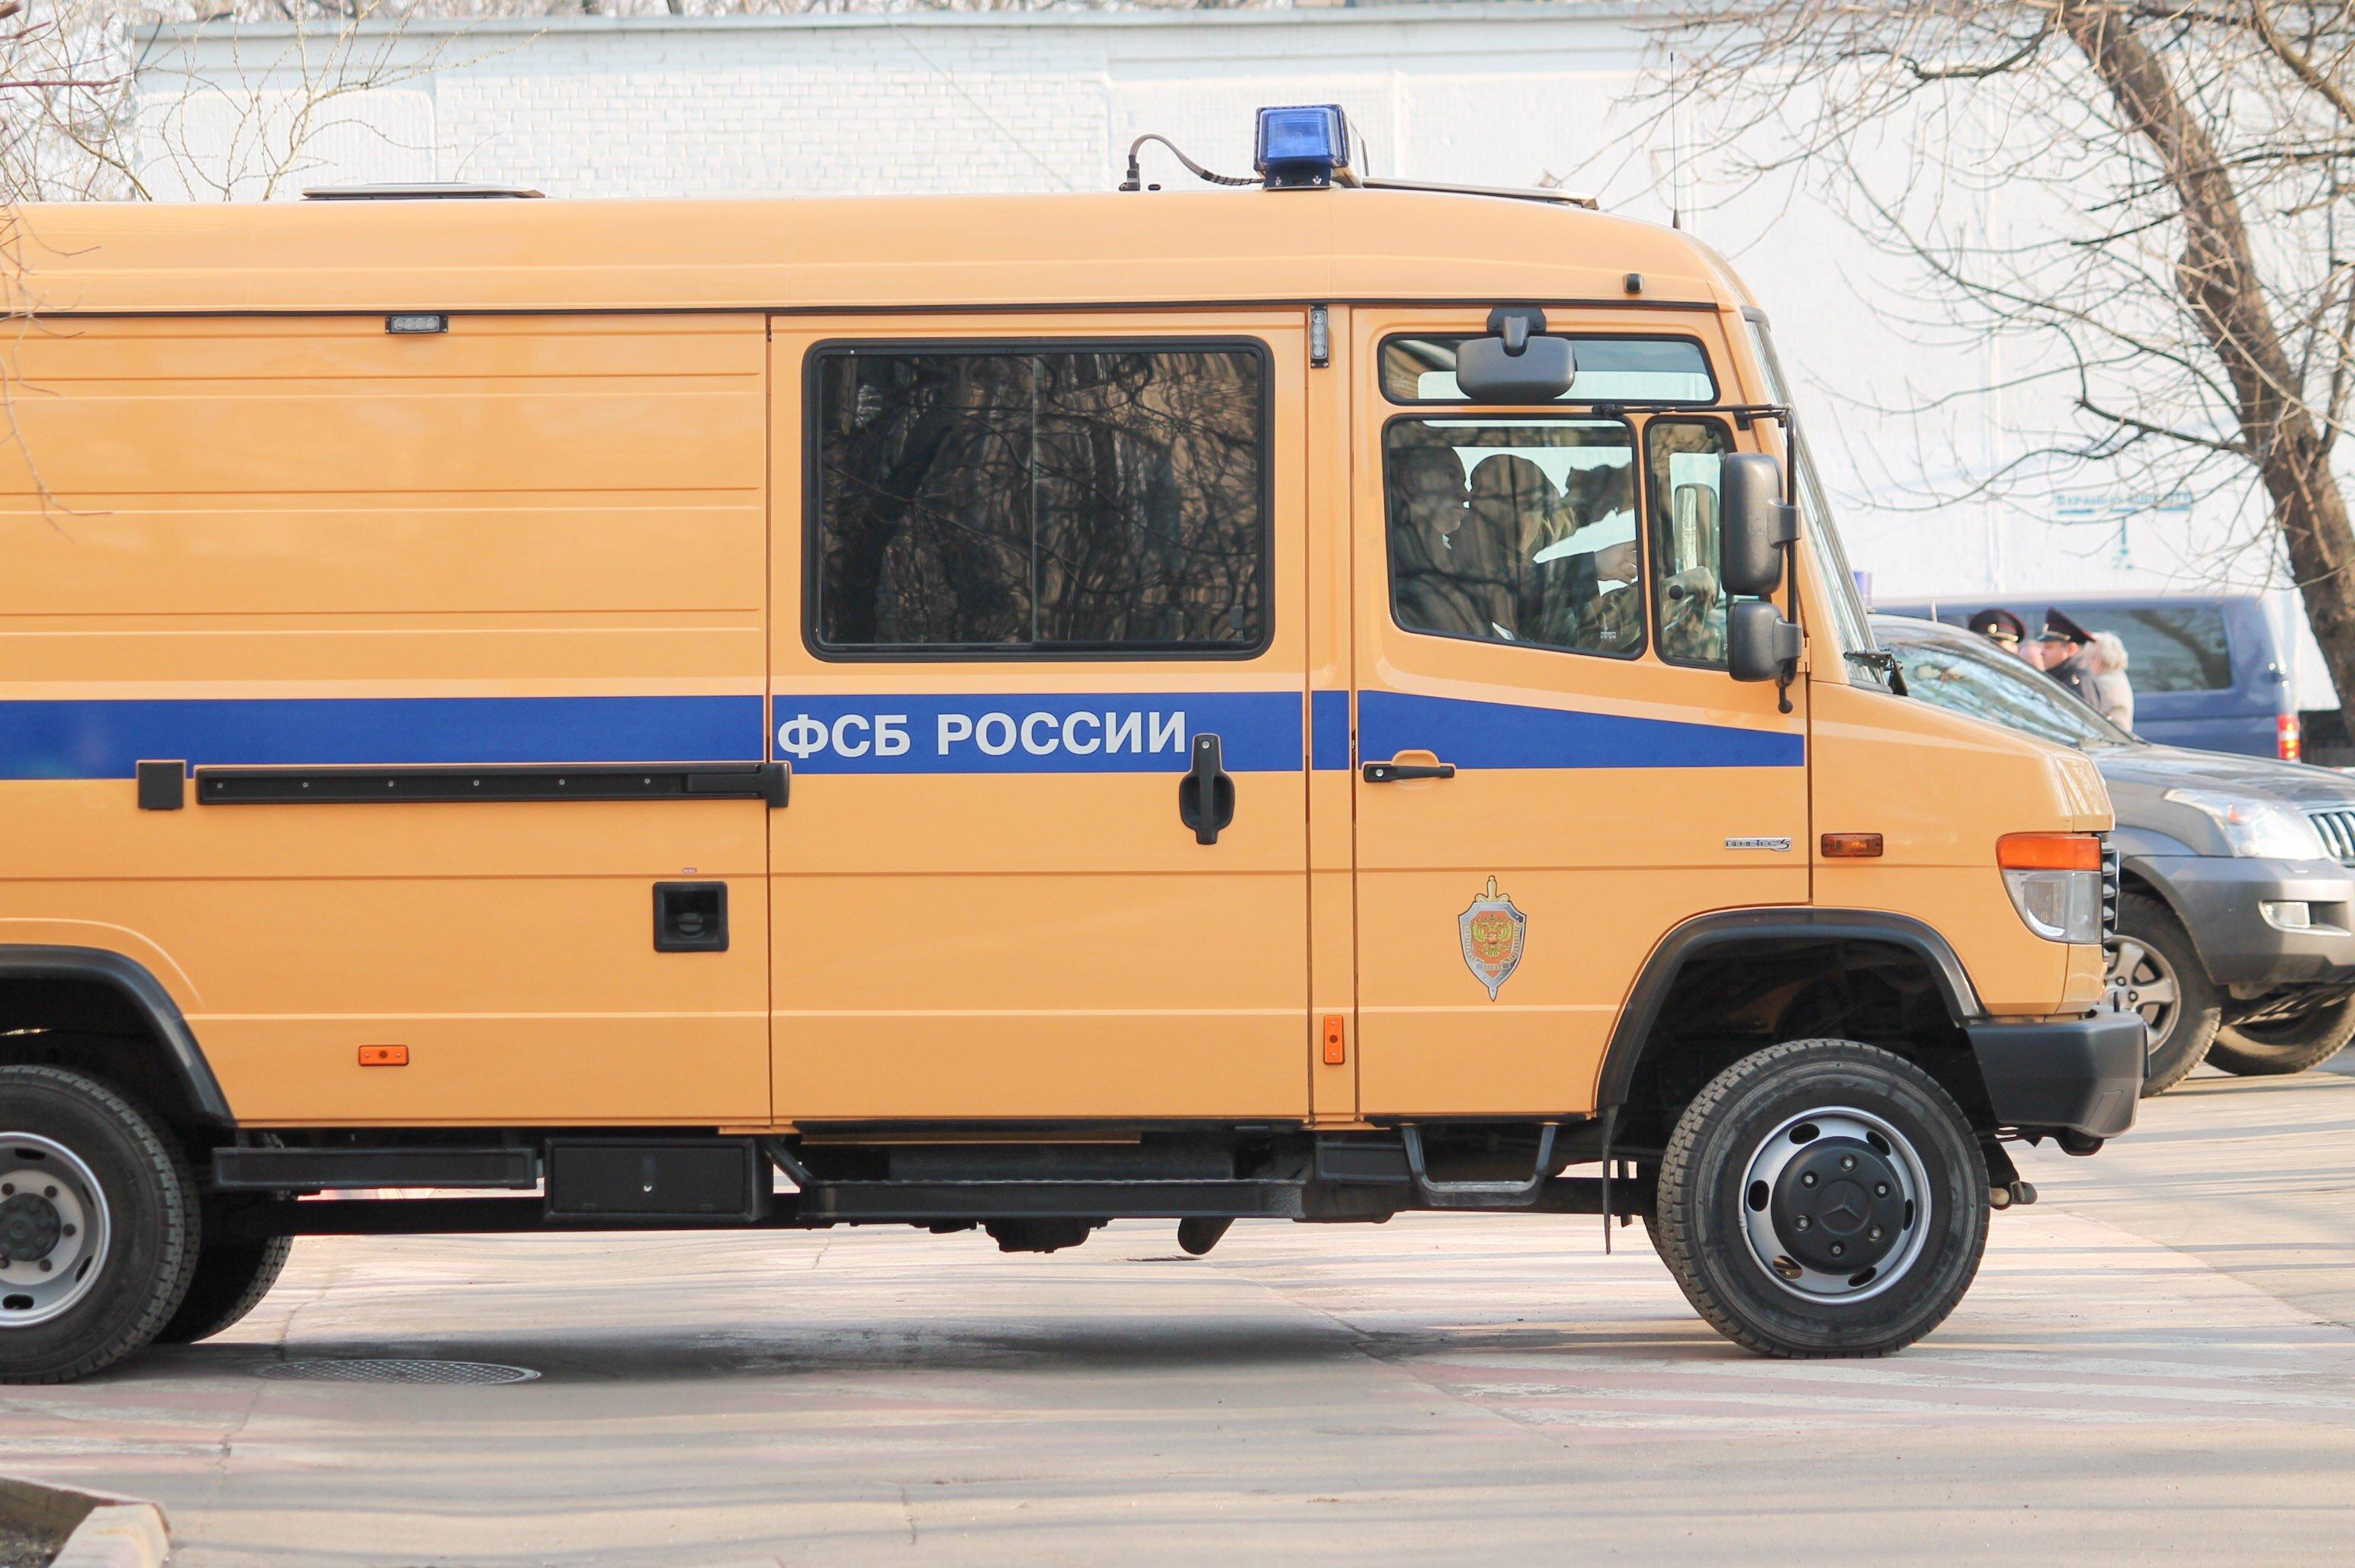 Бортников: В России за два года предотвращены 78 терактов